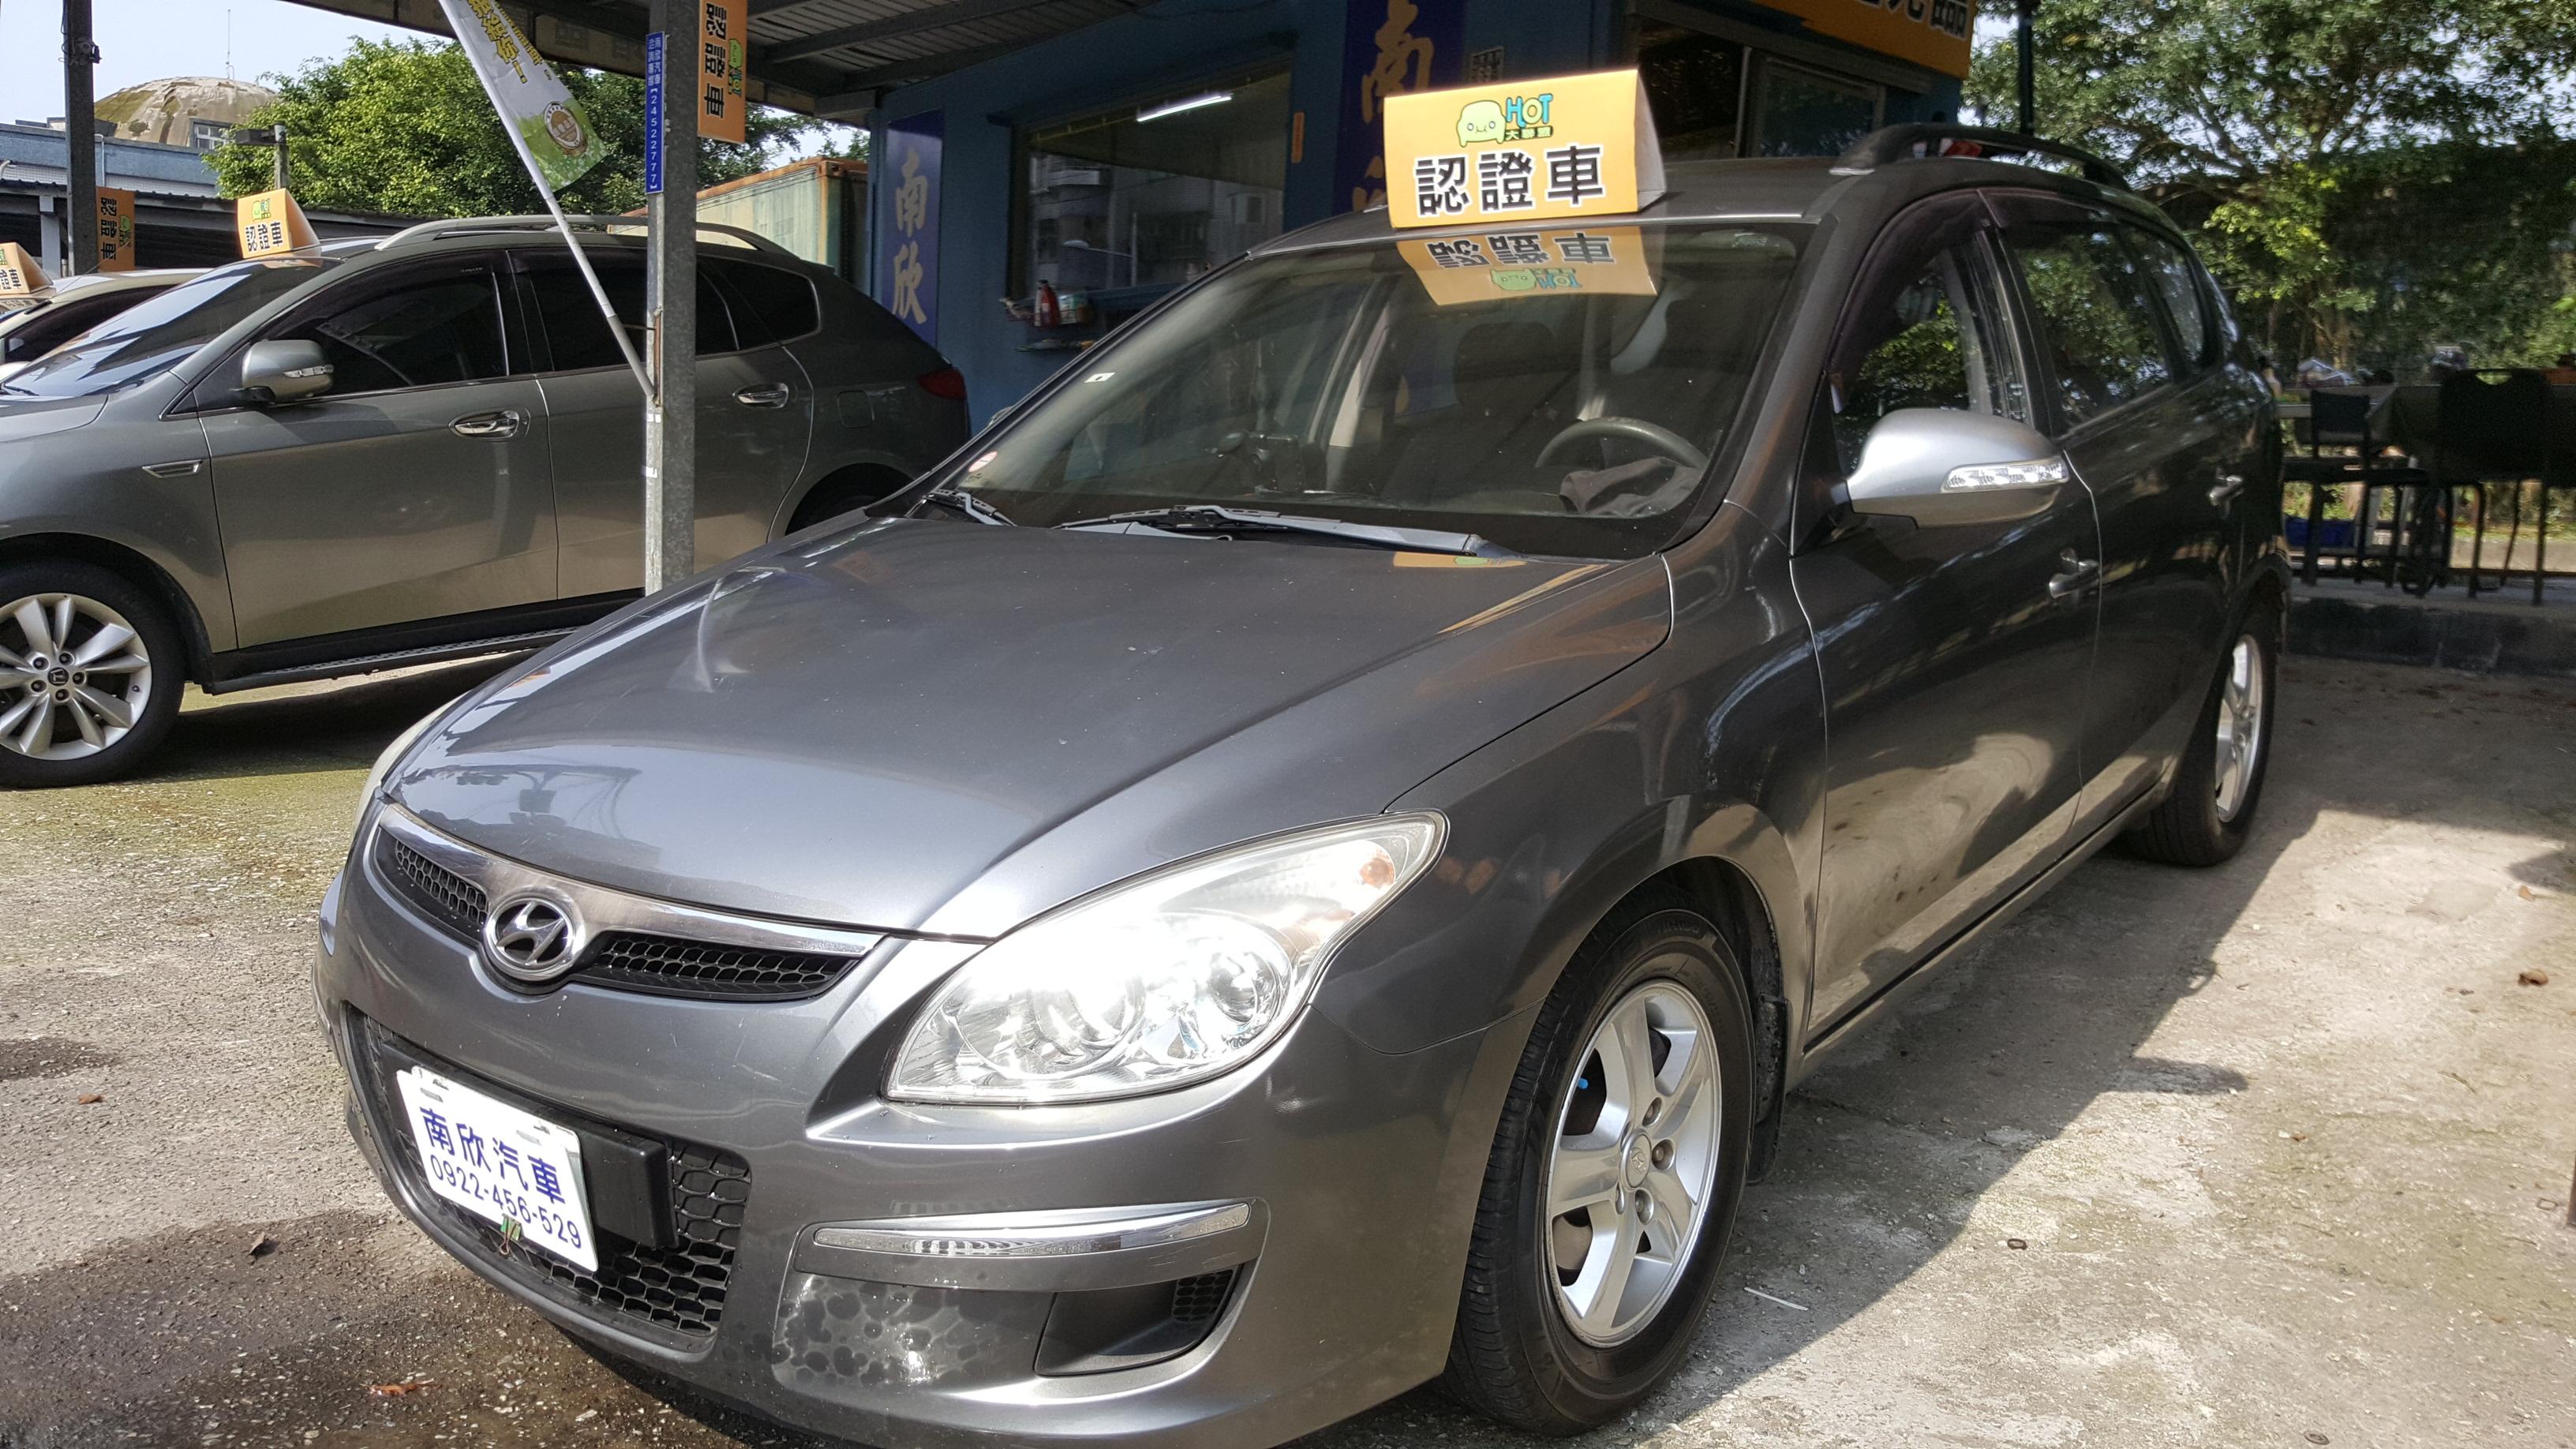 2009 Hyundai 現代 I30 cw